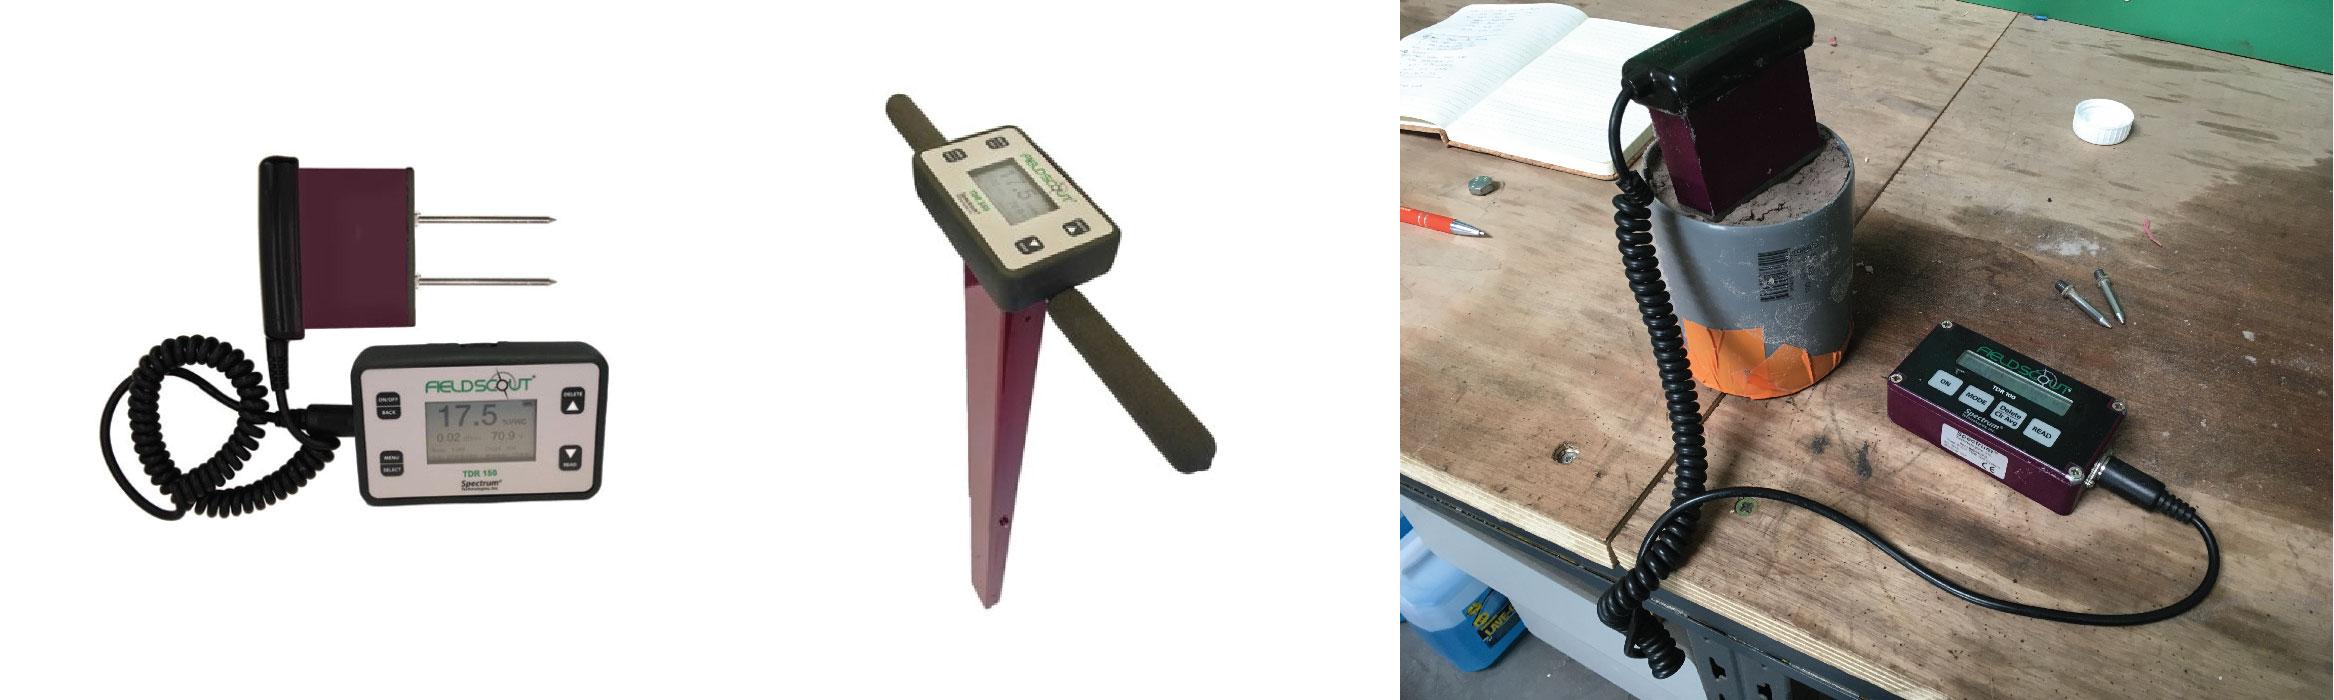 De gauche à droite : sonde TDR150, sonde TDR350 et la première version : la TDR100 utilisée par mes soins lors d'une calibration spécifique à un type de sol